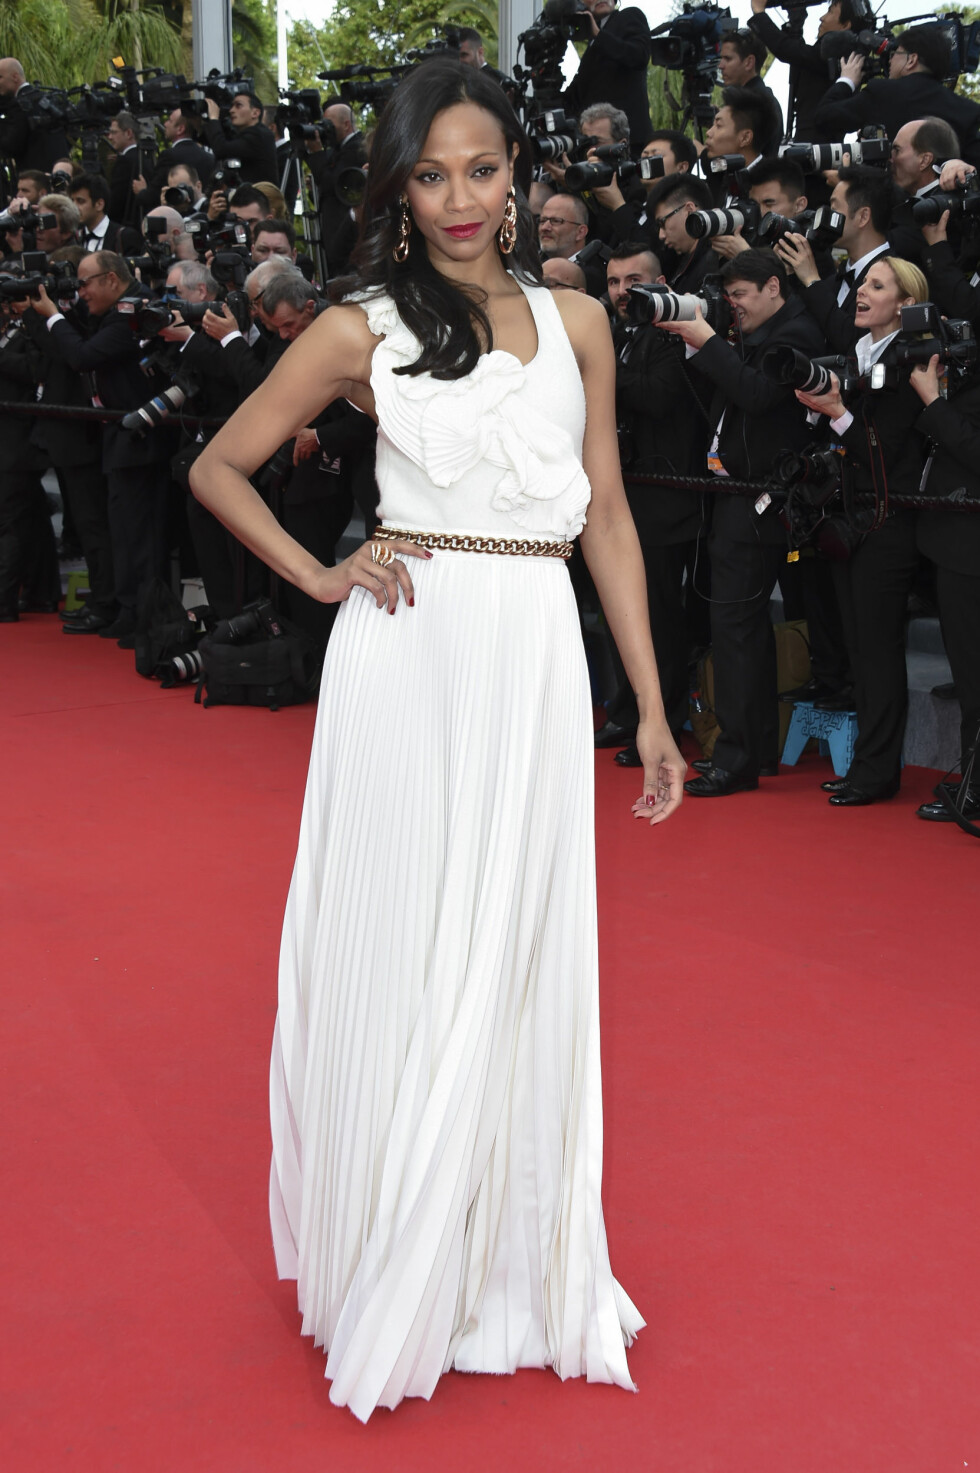 Skuespilleren bar en lang hvit kjole med gullbelte - designet av fotballfrue Victoria Beckham.  Foto: Stella Pictures